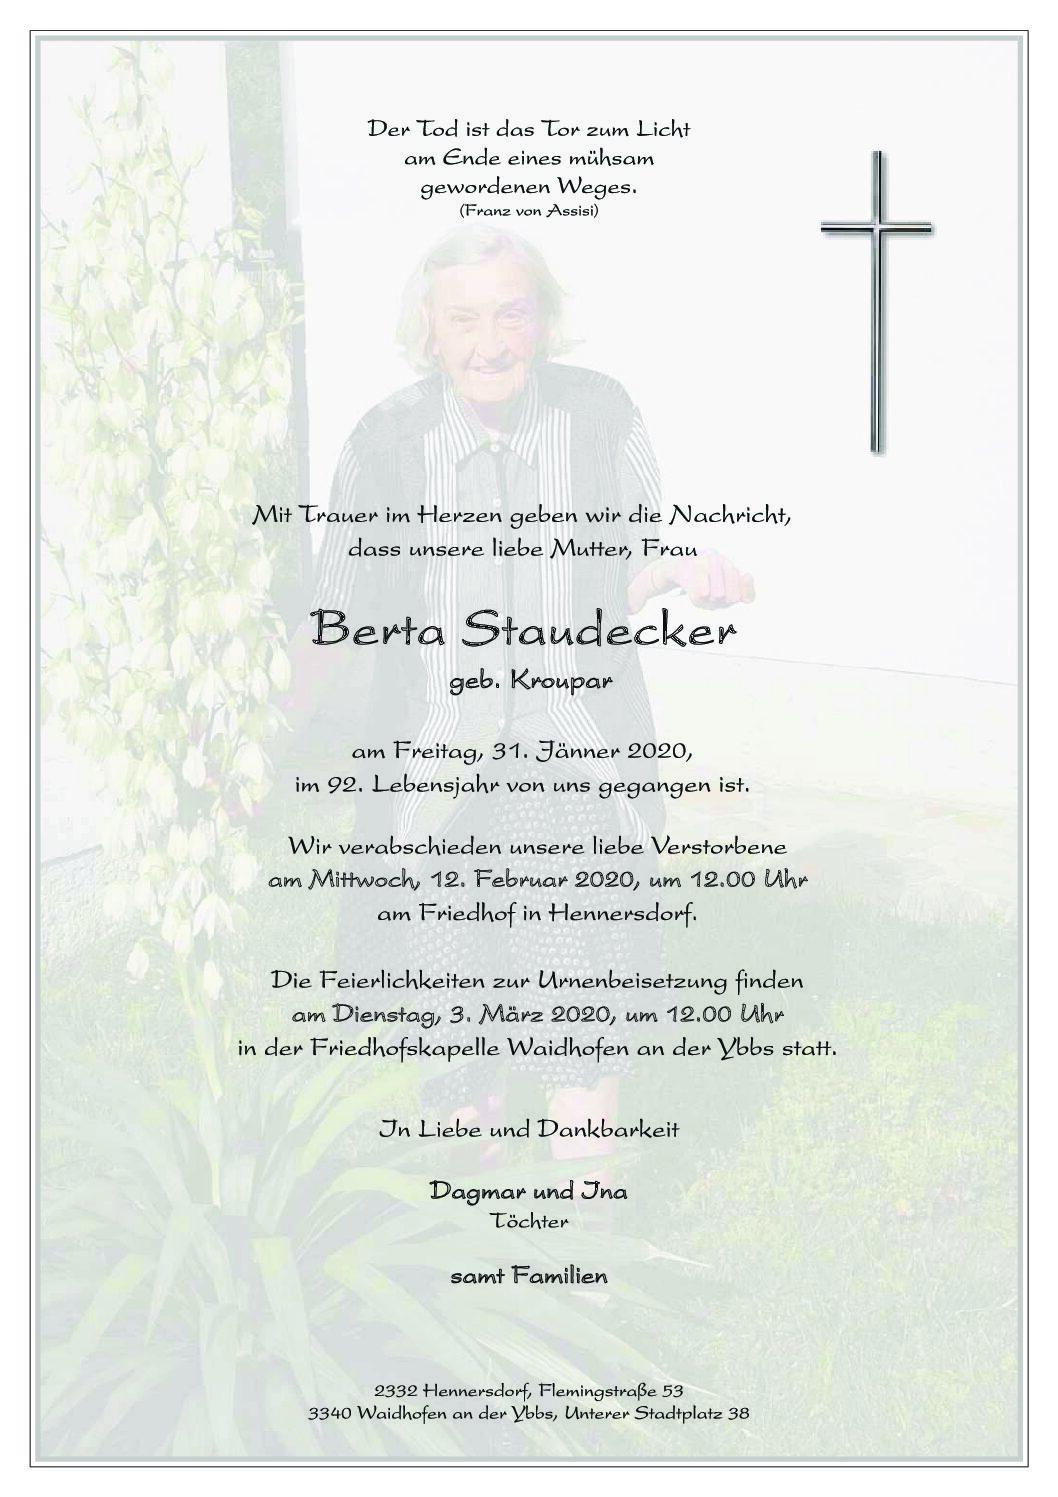 Berta Staudecker